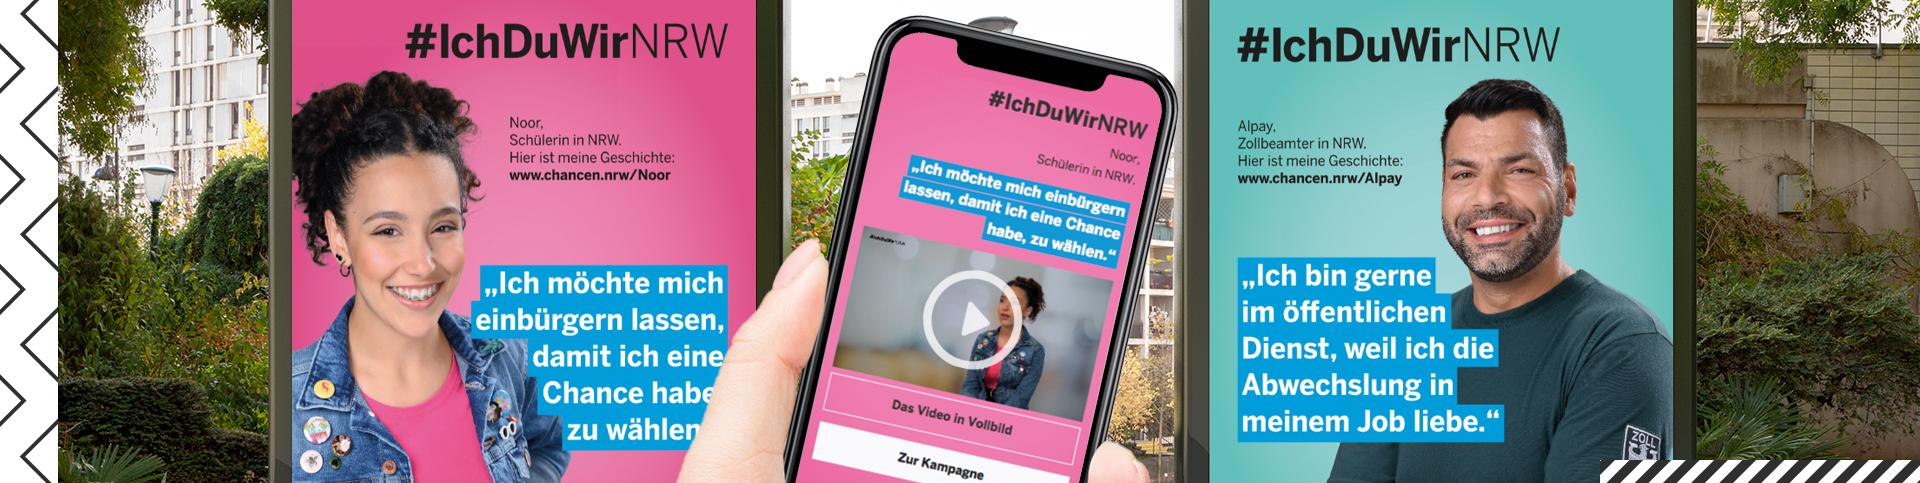 Die Kampagne #IchDuWirNRW will die Themen Einwanderung, kulturelle Vielfalt und Migration in der öffentlichen Wahrnehmung positiv besetzen